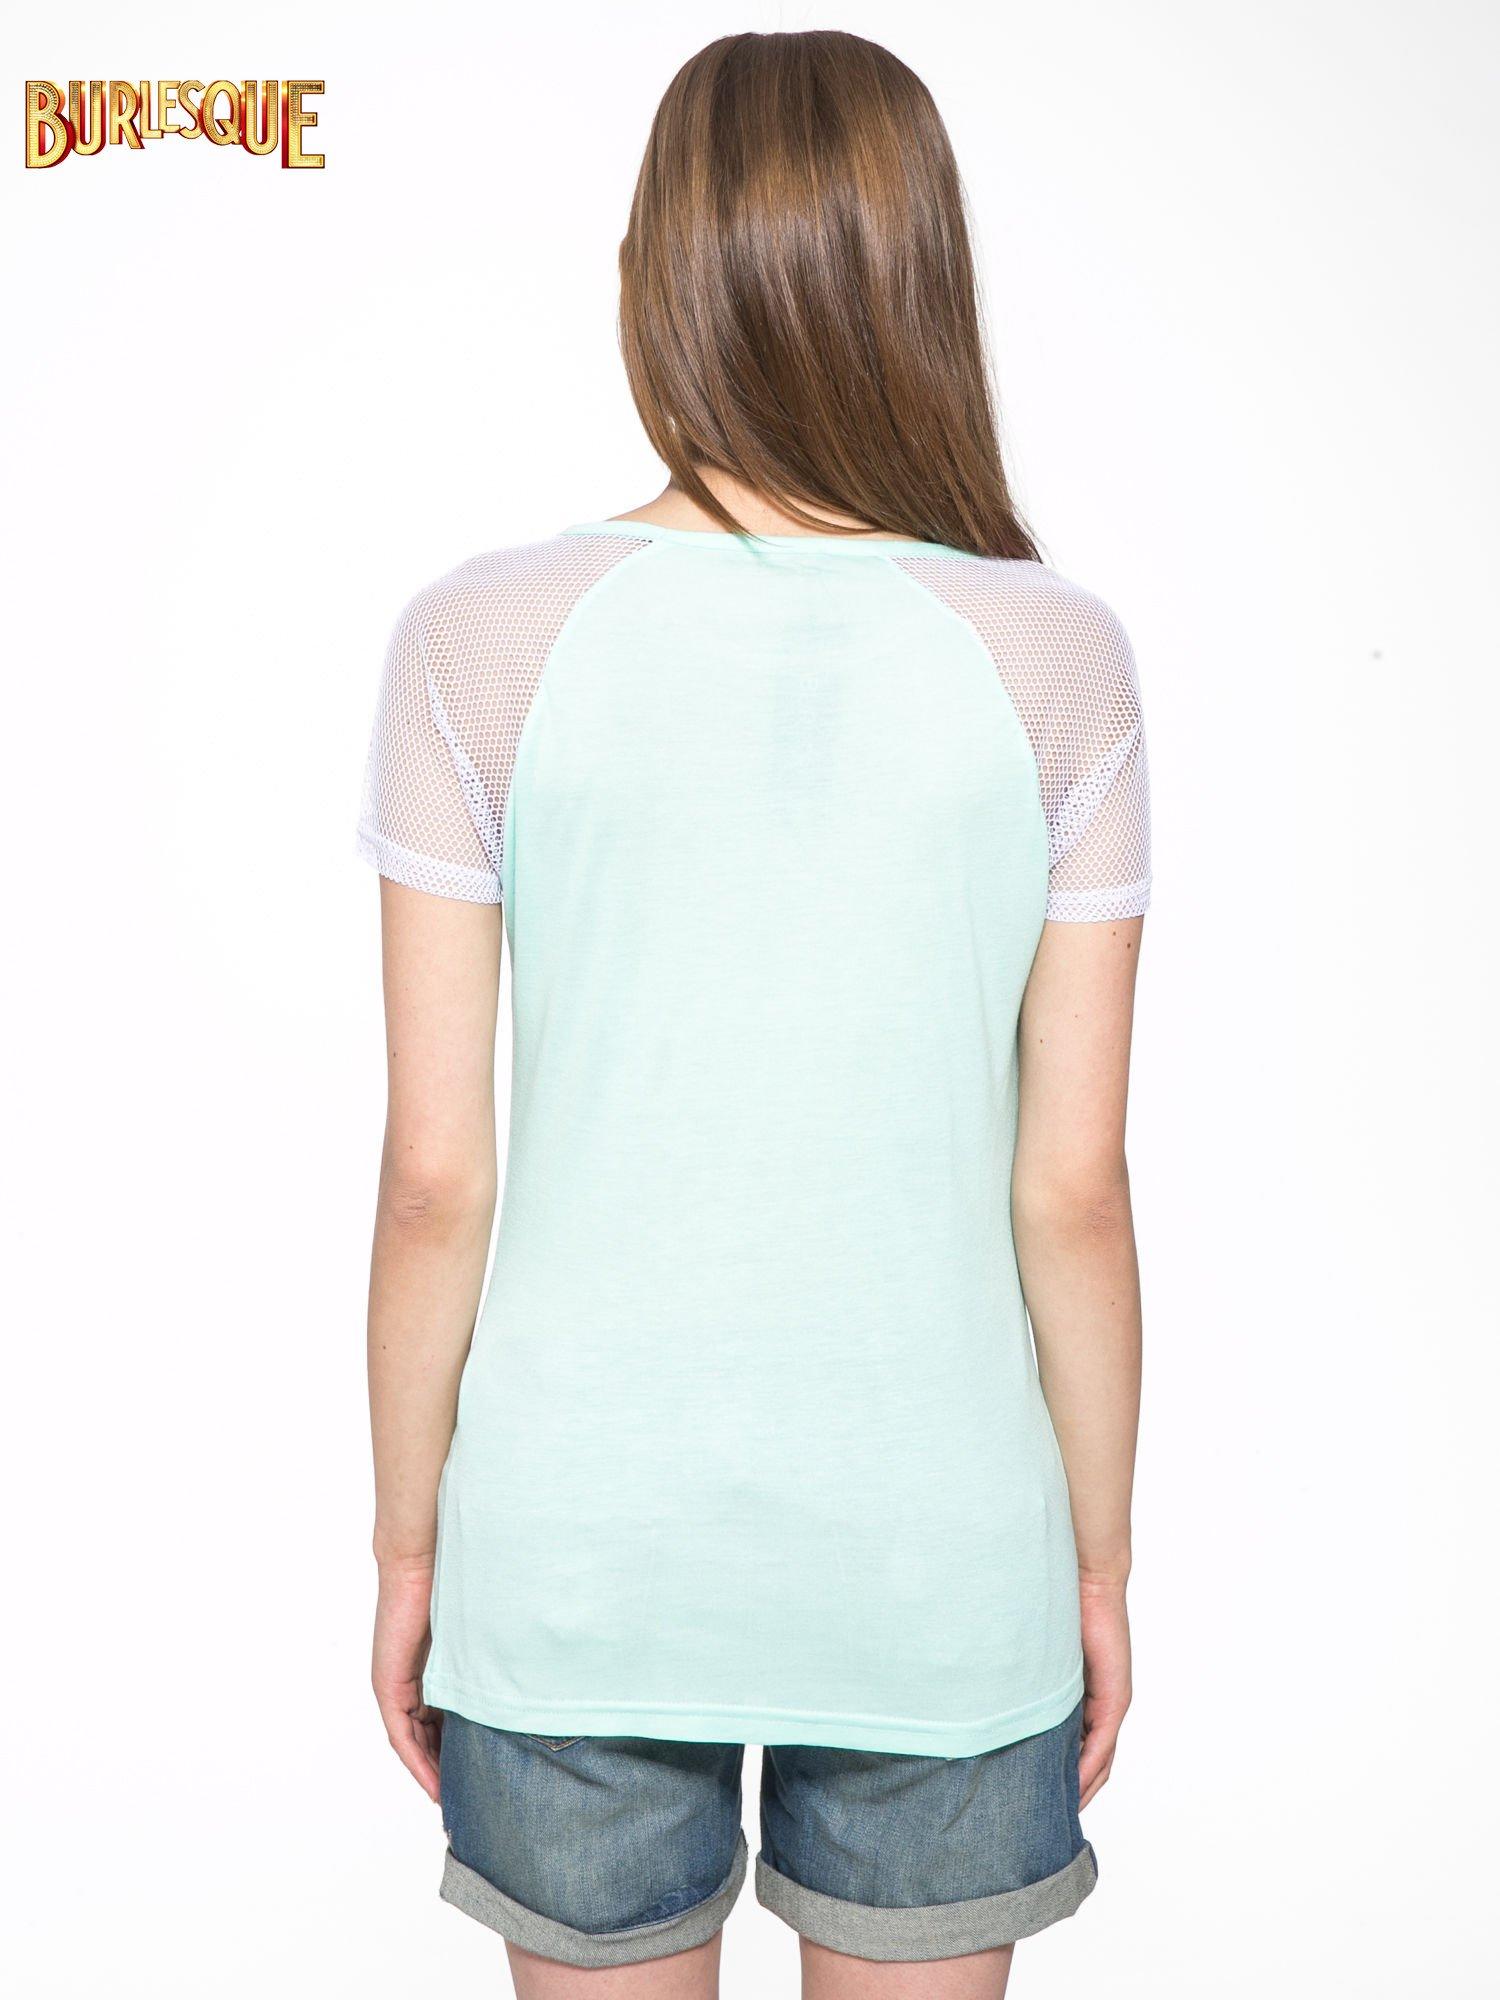 Jasnozielony t-shirt z ustami z cekinów i rękawami z siateczki                                  zdj.                                  4